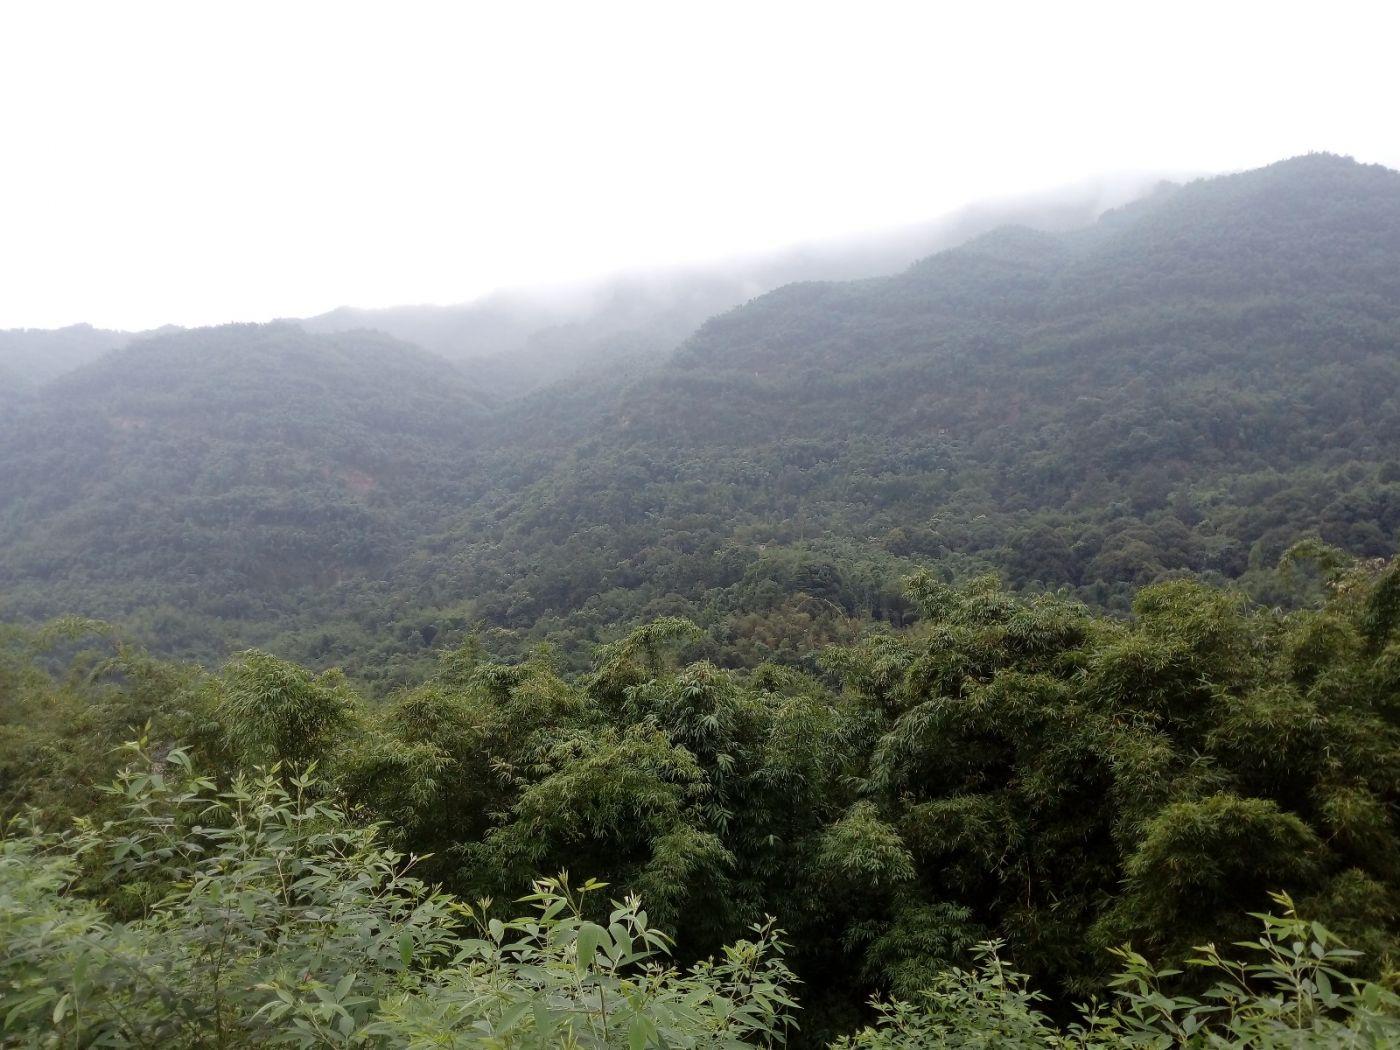 孕育了天赐尤物茅台酒的山野、林莽、溪流和河水那个空间_图1-8